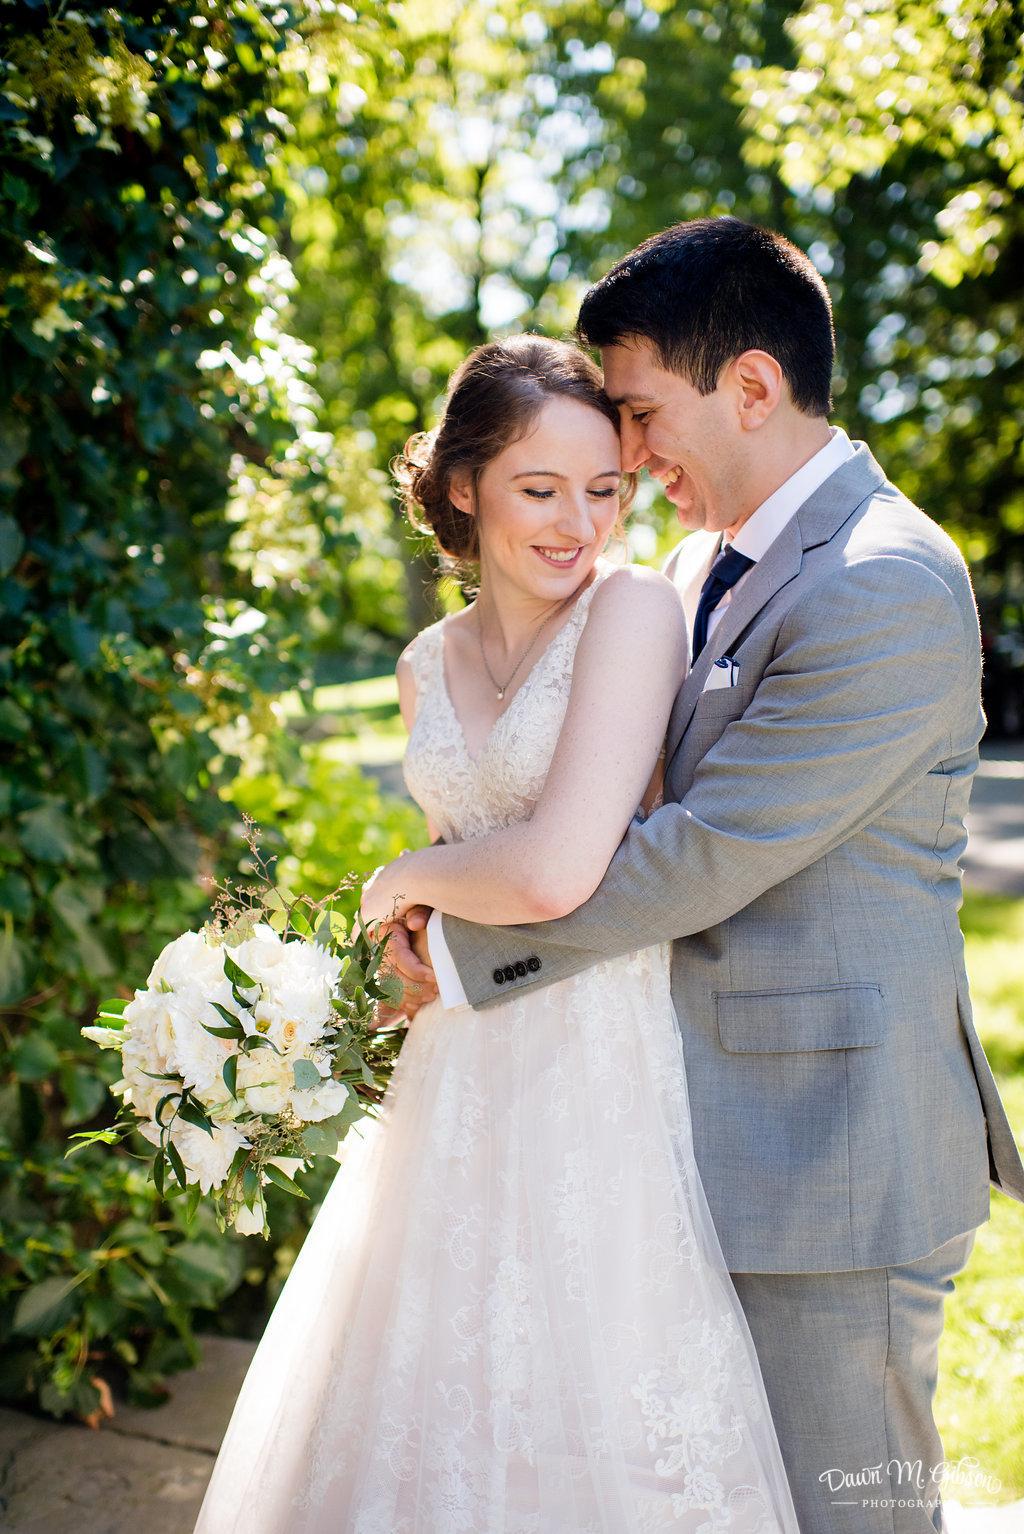 KatieAndré_Wedding_DMGP_417